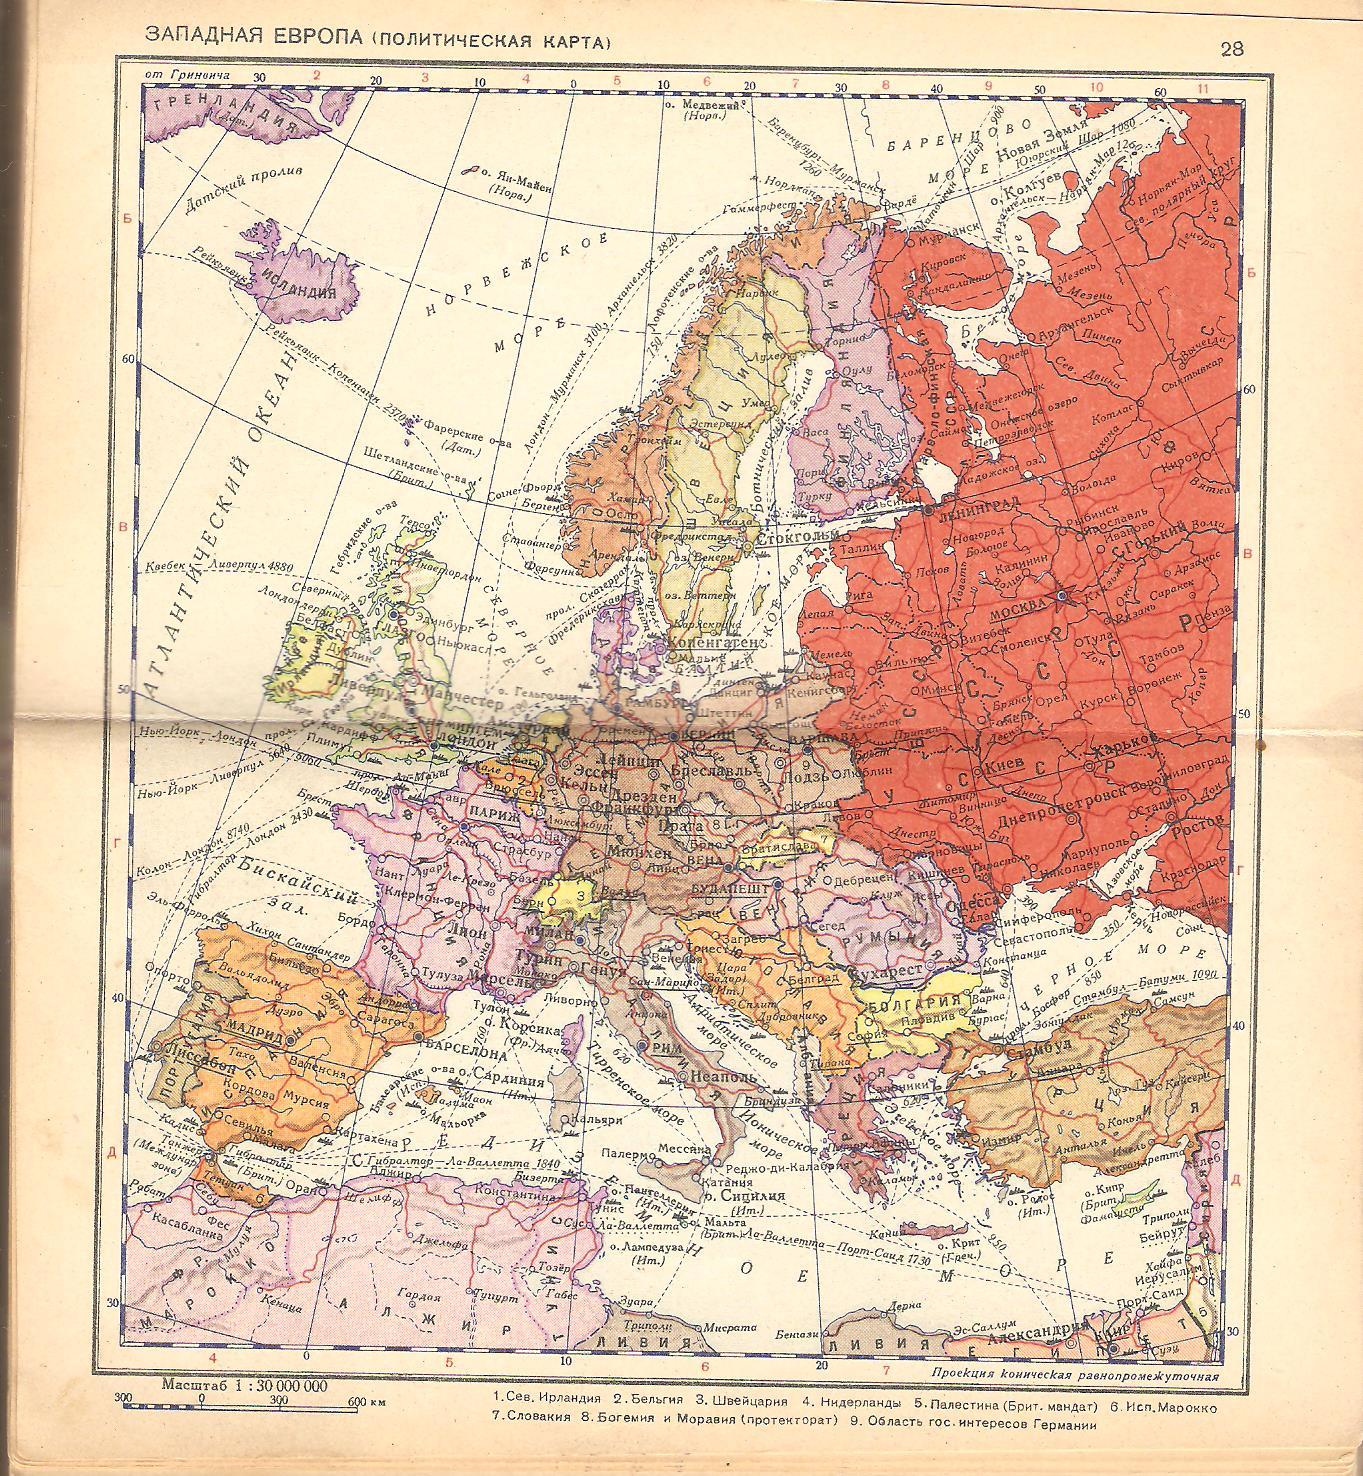 Атлас мира, 1940 год 002.jpg